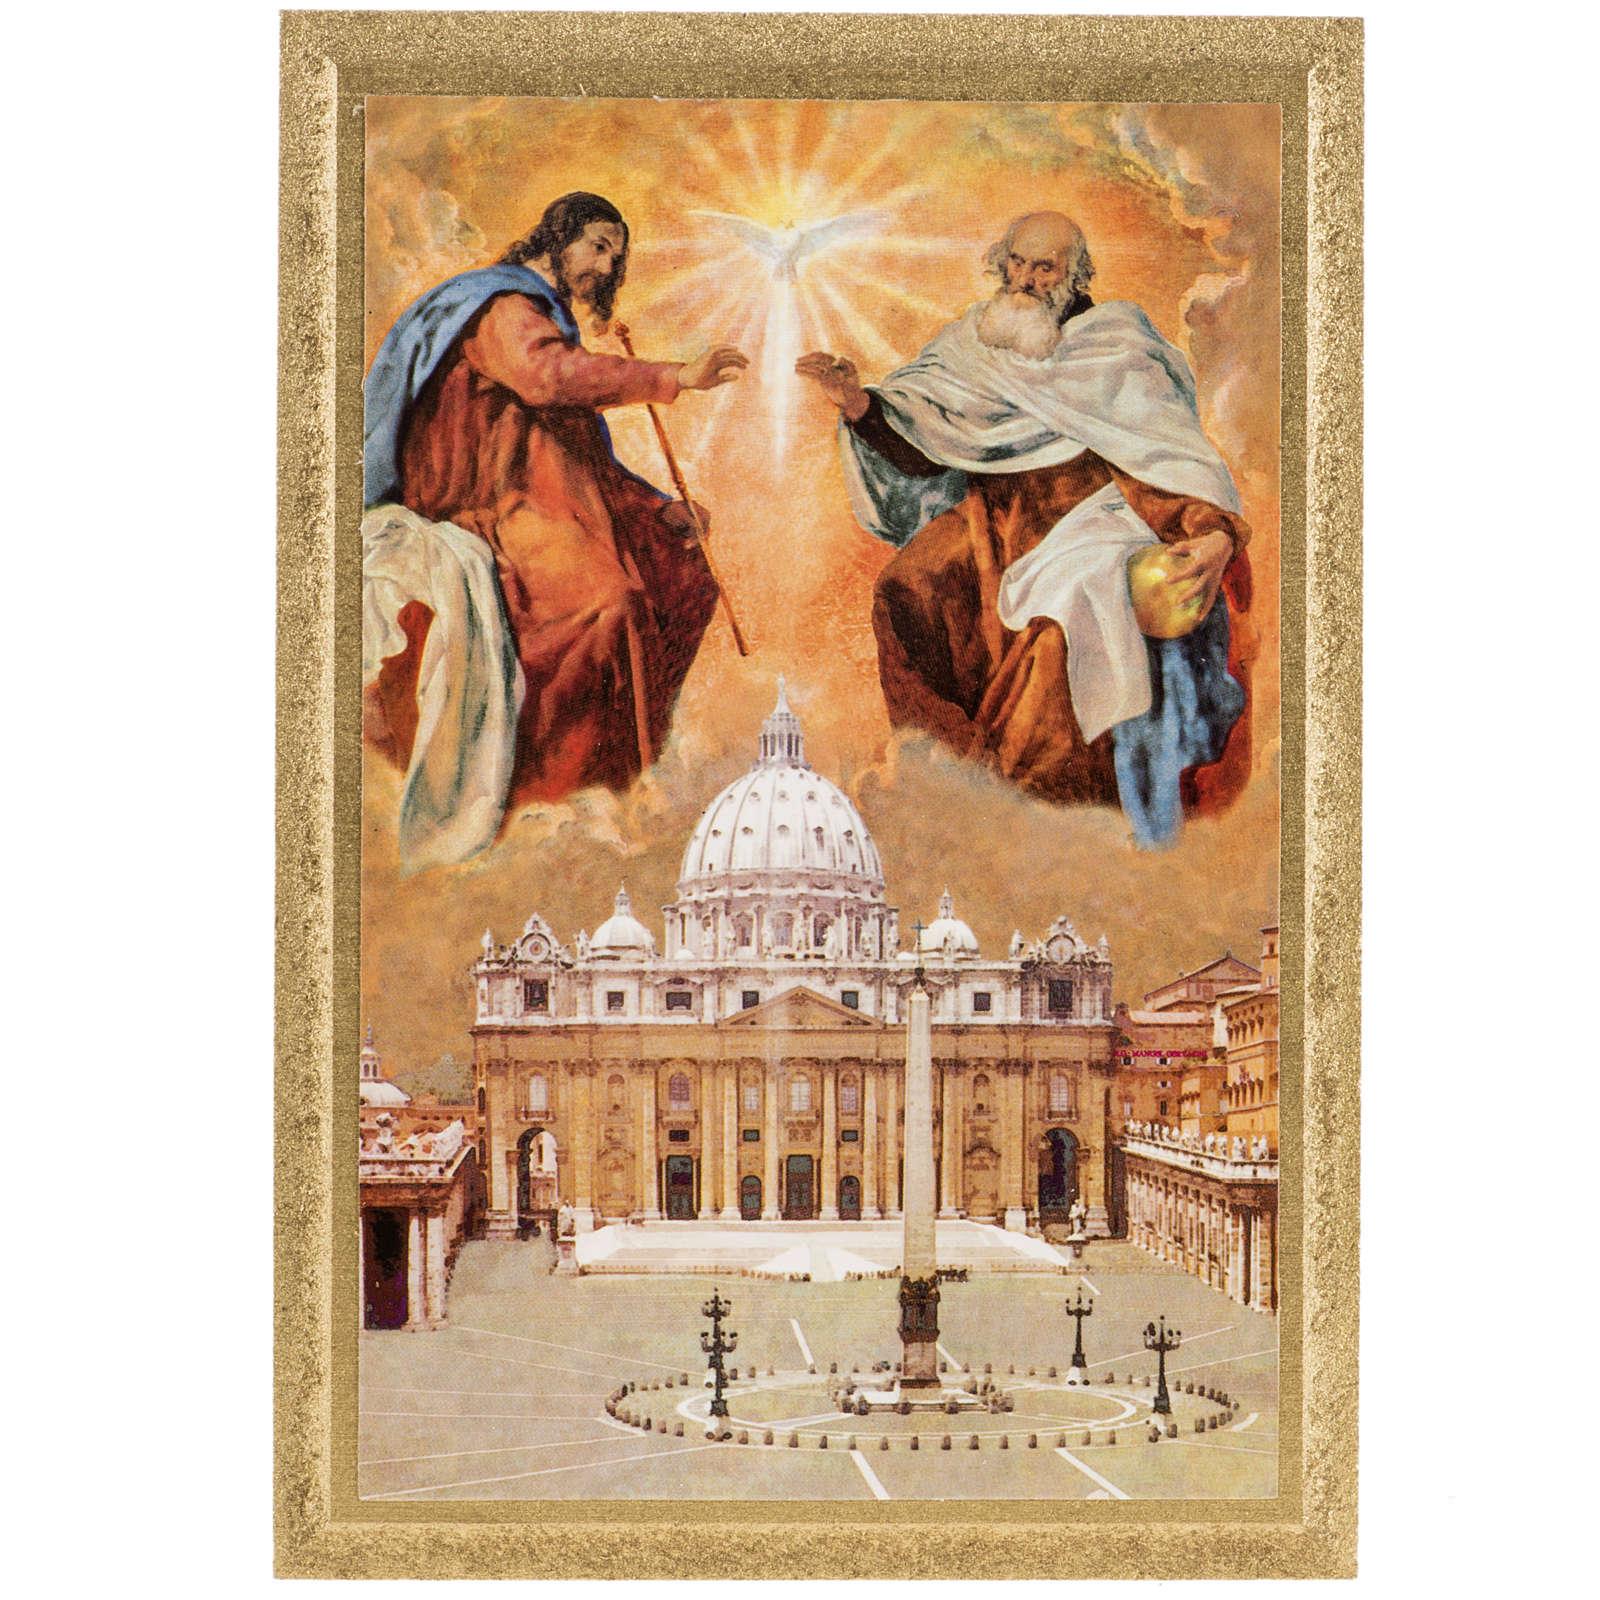 Estampa madera SS. Trinidad y Basílica S. Pedro 16x11 3